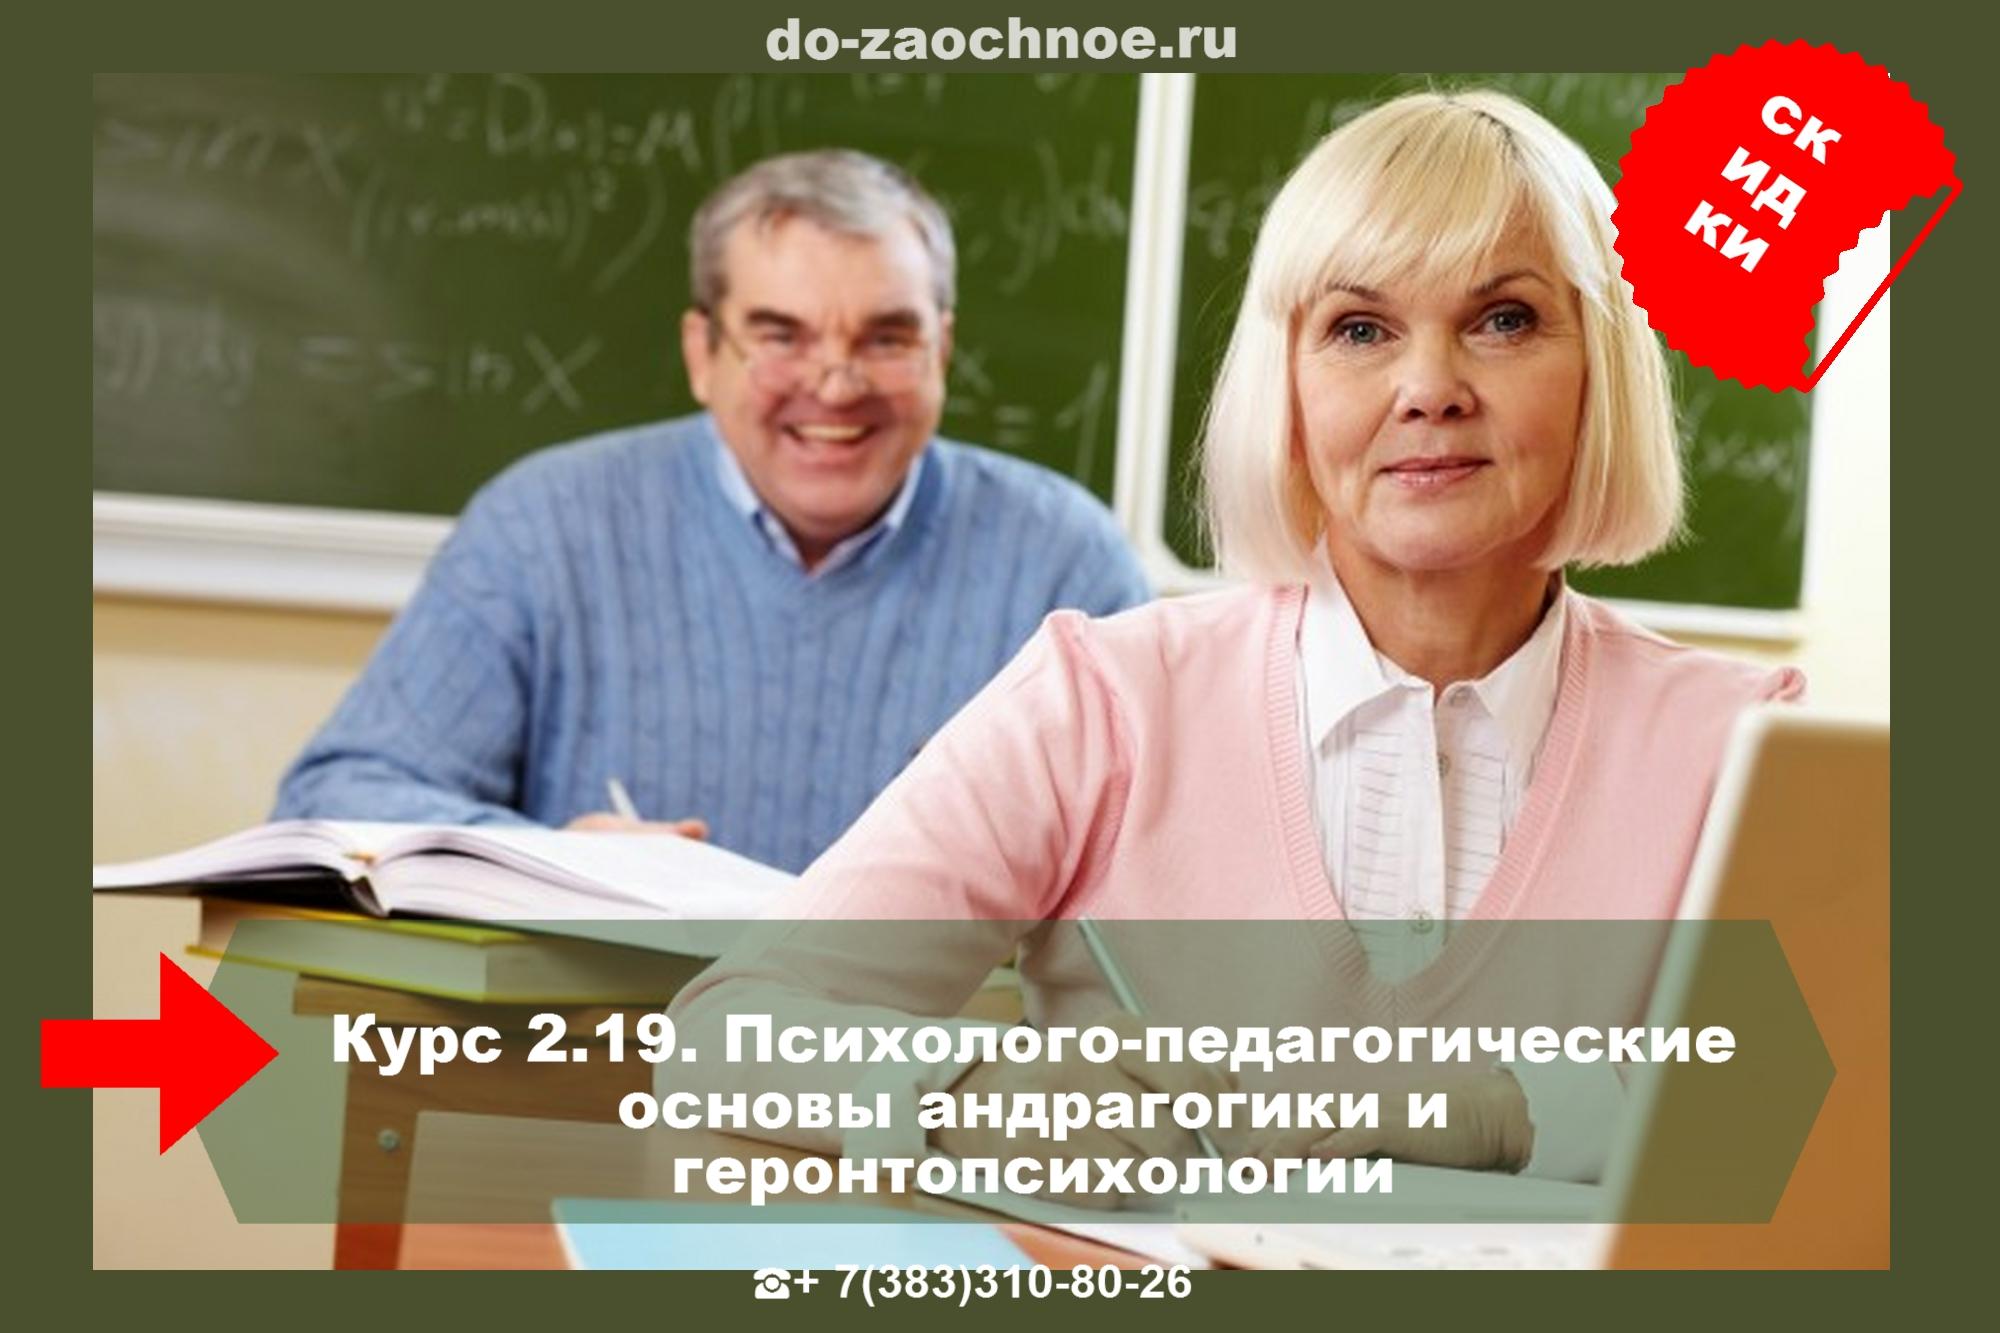 ИДПК дистанционные курсы основы андрагогики и геронтопсихологии на do-zochnoe.ru ТУТ!